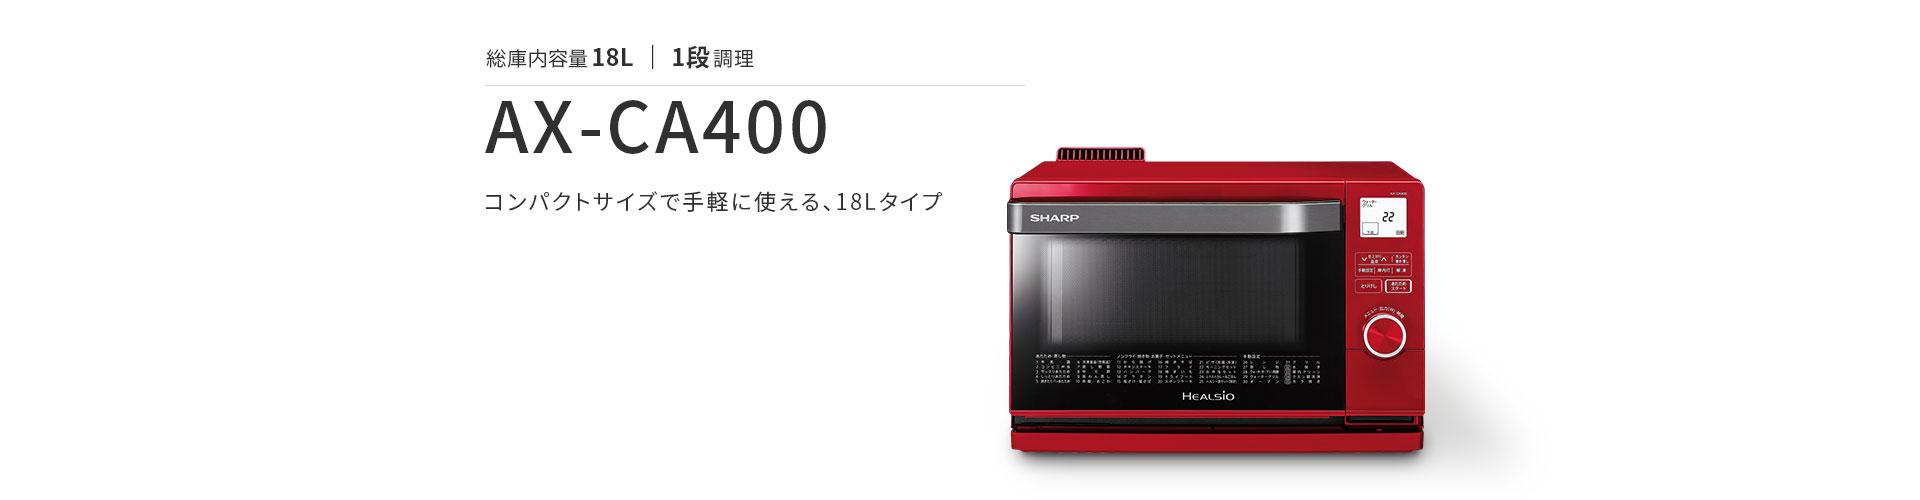 コンパクトサイズで手軽に使える、18Lタイプ ウォーターオーブン ヘルシオ AX-CA400